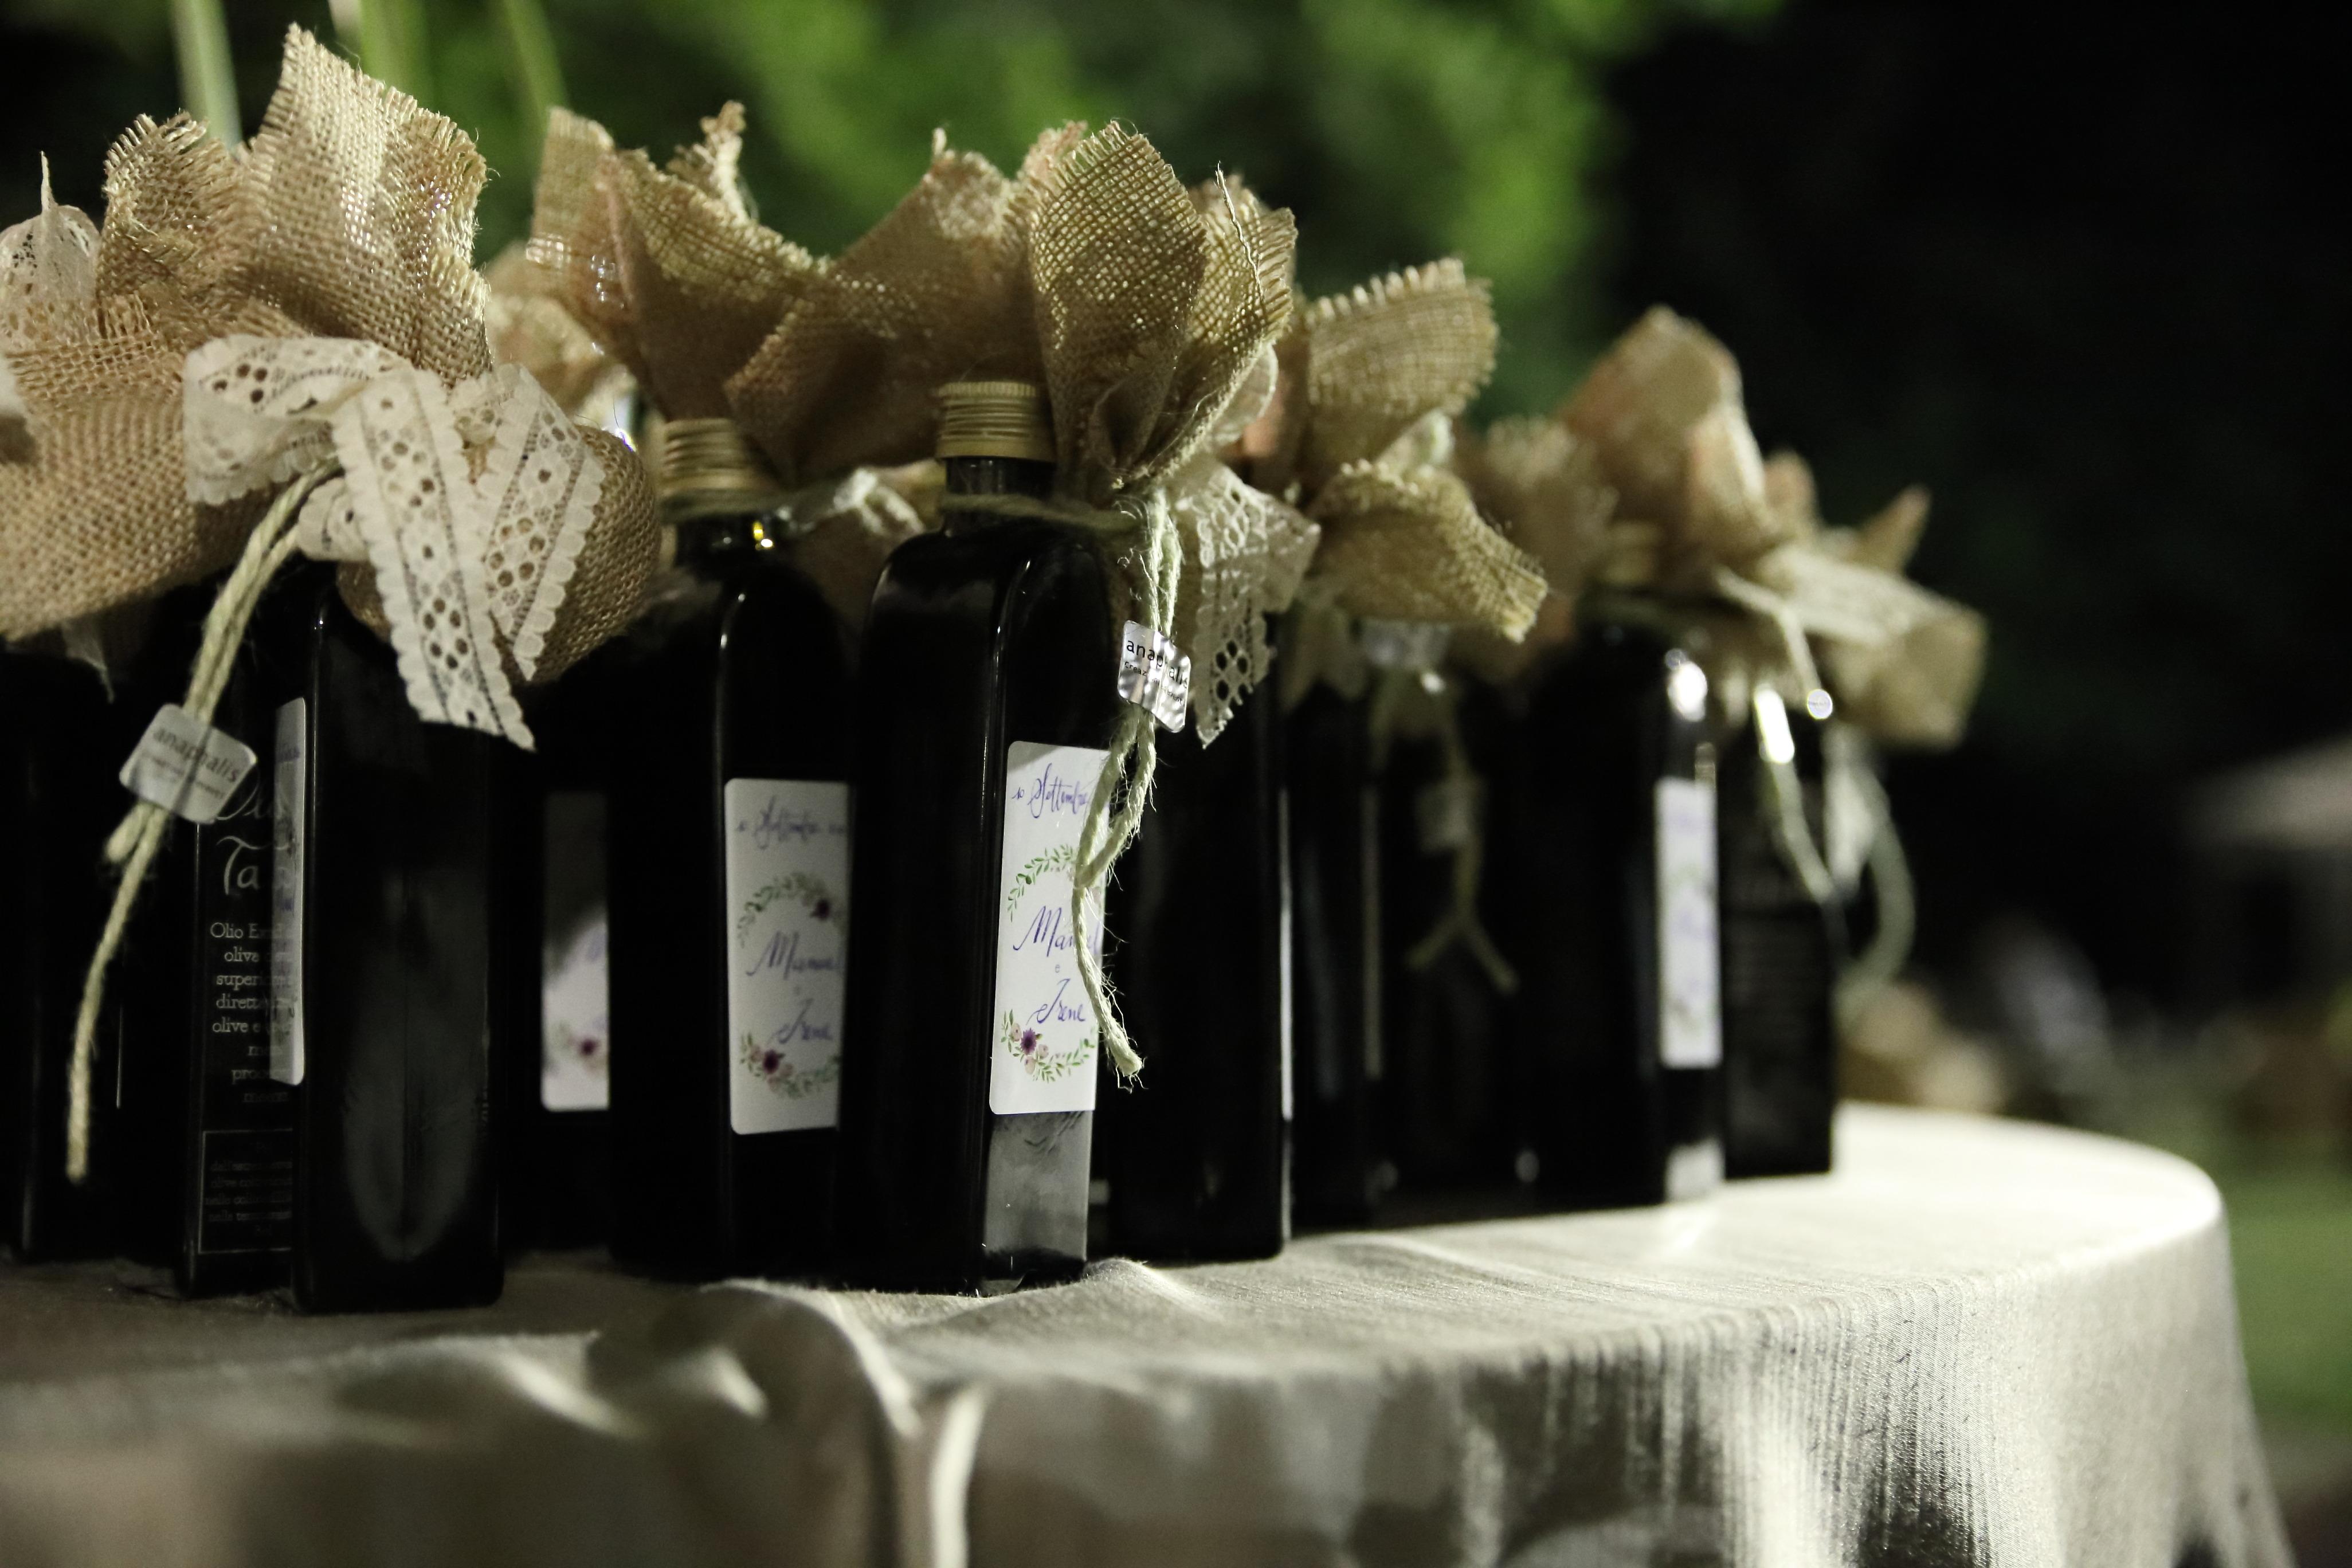 Matrimonio Tema Ulivo : Come organizzare un matrimonio a tema ulivo la wedding